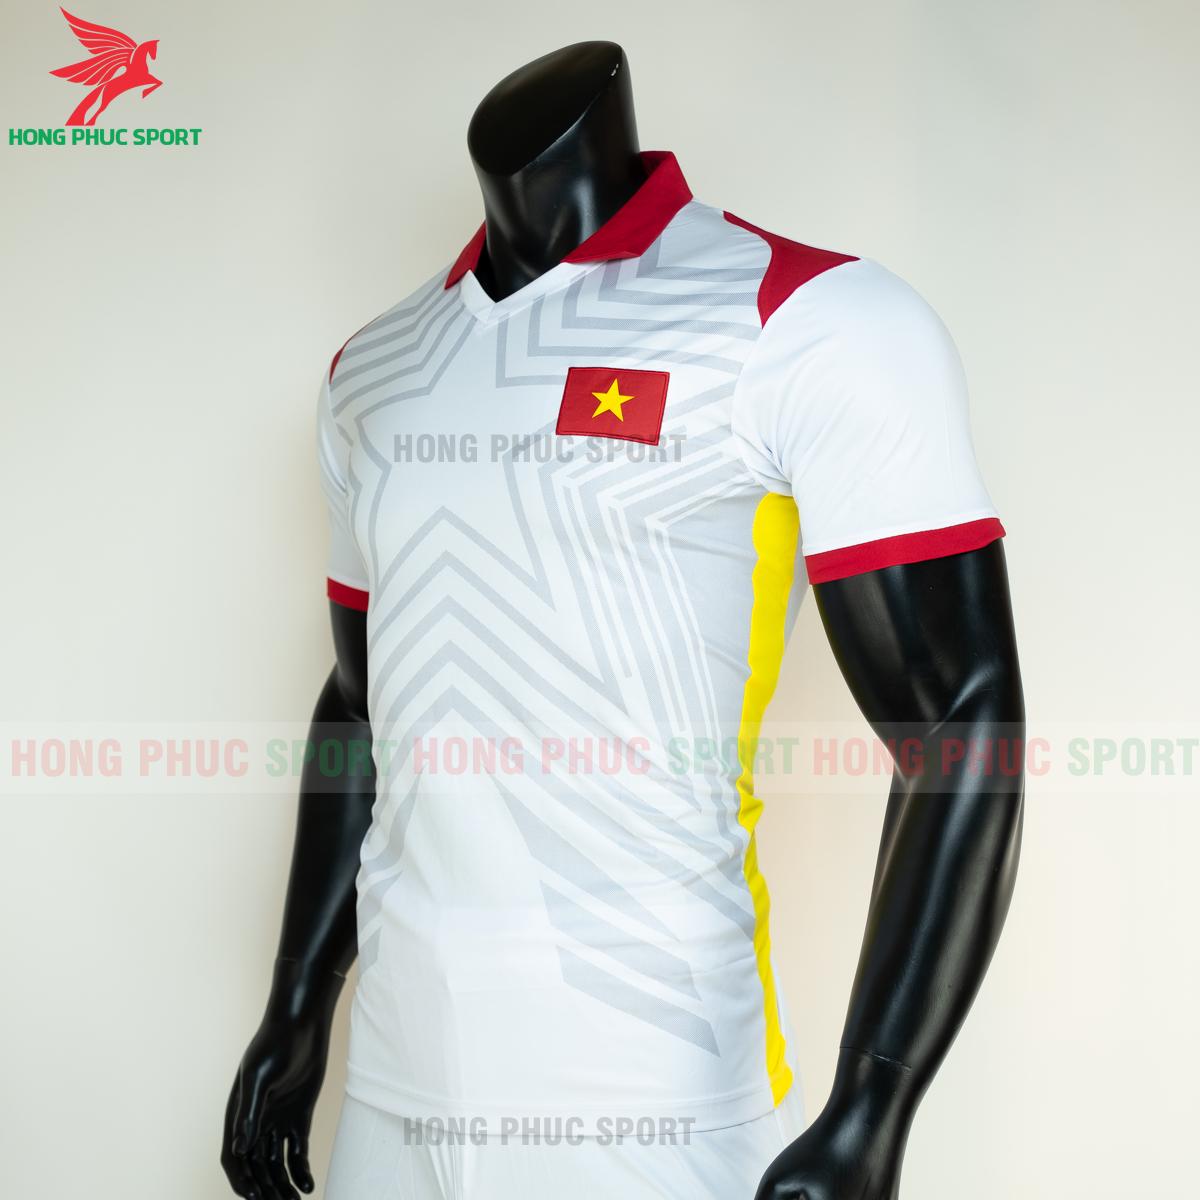 https://cdn.hongphucsport.com/unsafe/s4.shopbay.vn/files/285/ao-bong-da-tuyen-viet-nam-2021-san-khach-5-6050381d61ecc.png